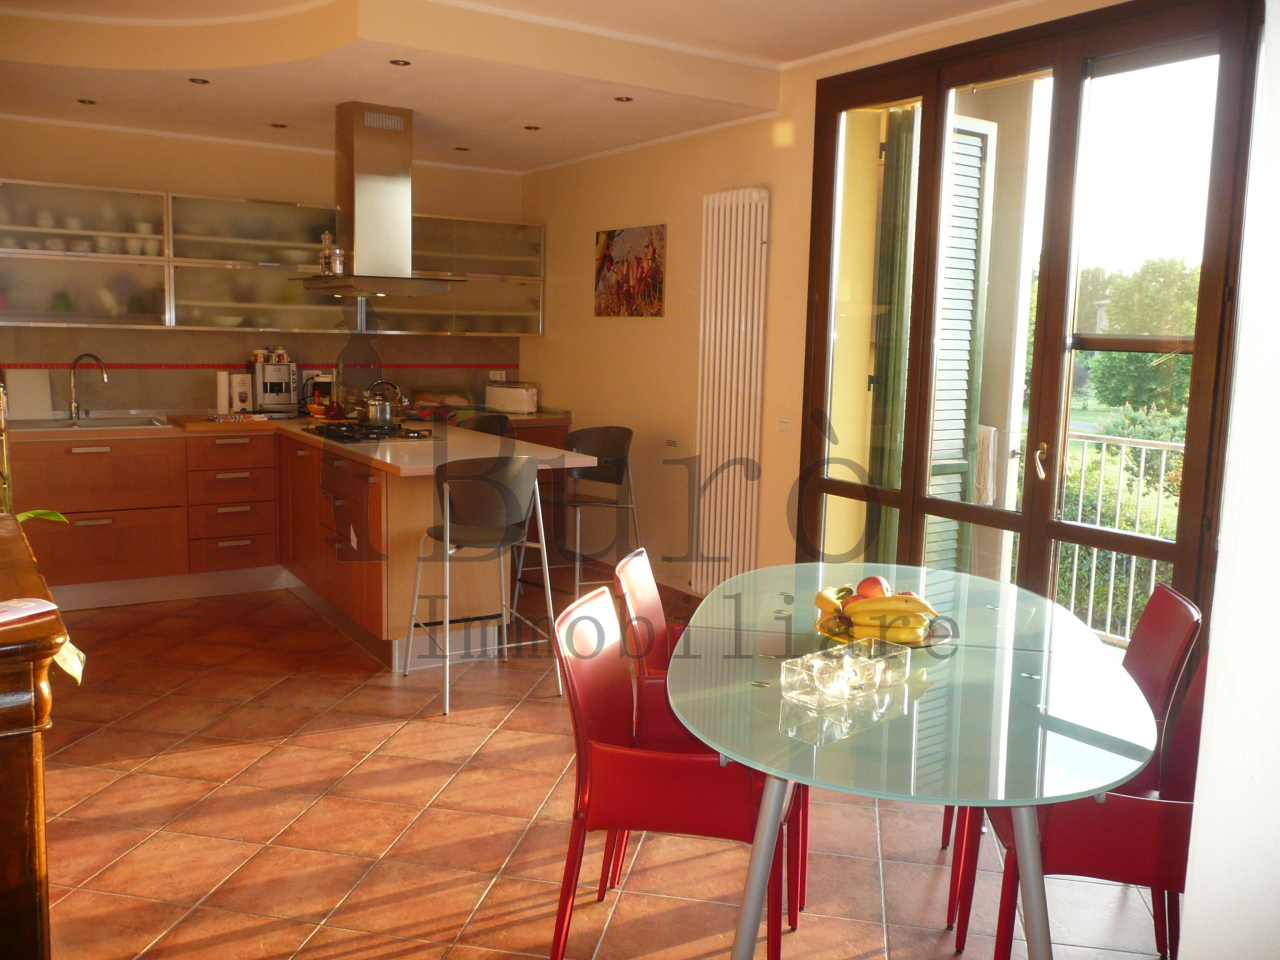 Appartamento in vendita a Traversetolo, 5 locali, prezzo € 300.000 | Cambio Casa.it